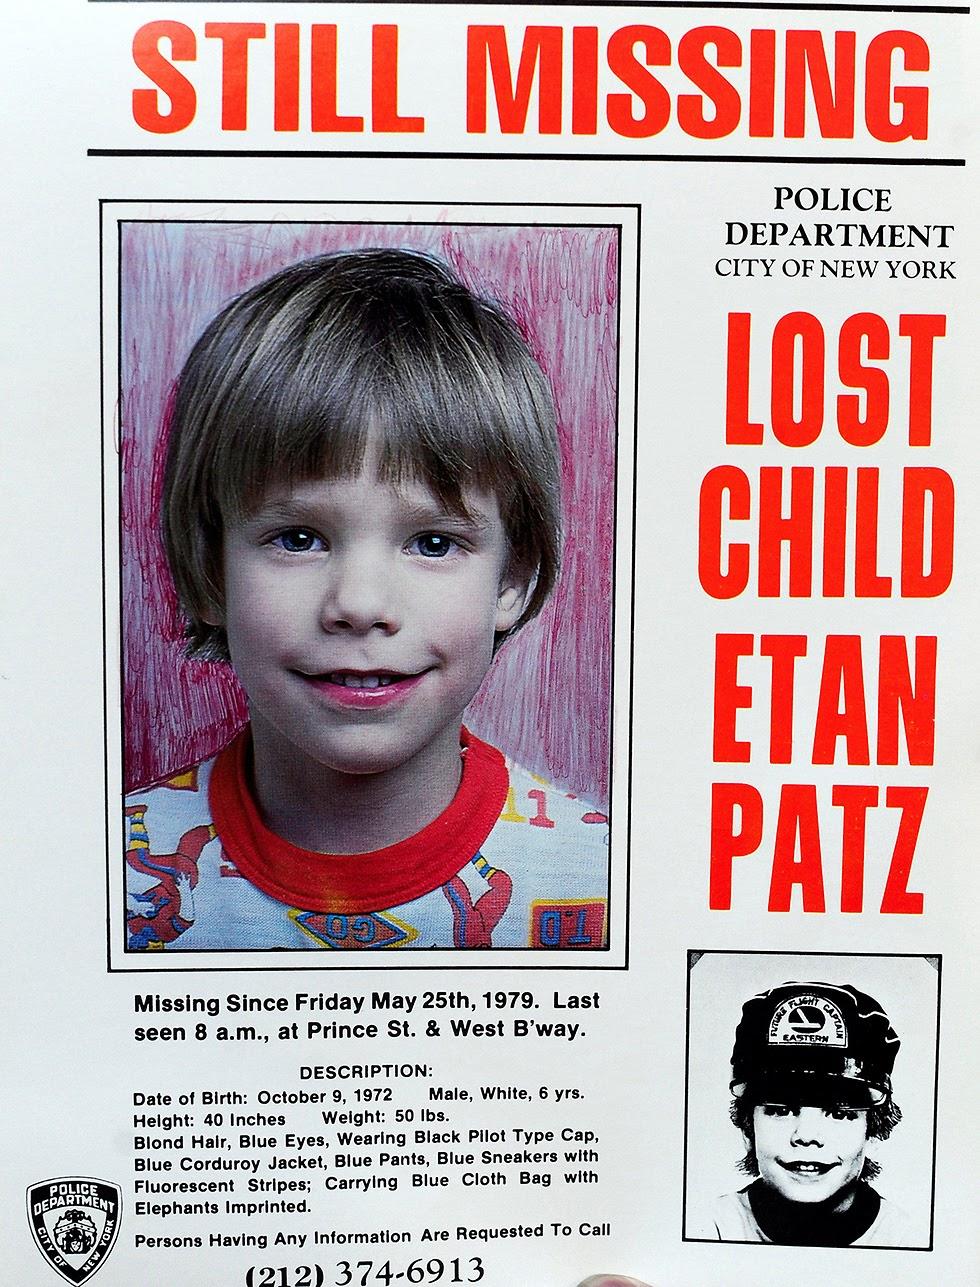 Descubra o que aconteceu com Etan Patz - Desvendando um caso de quase 40 anos